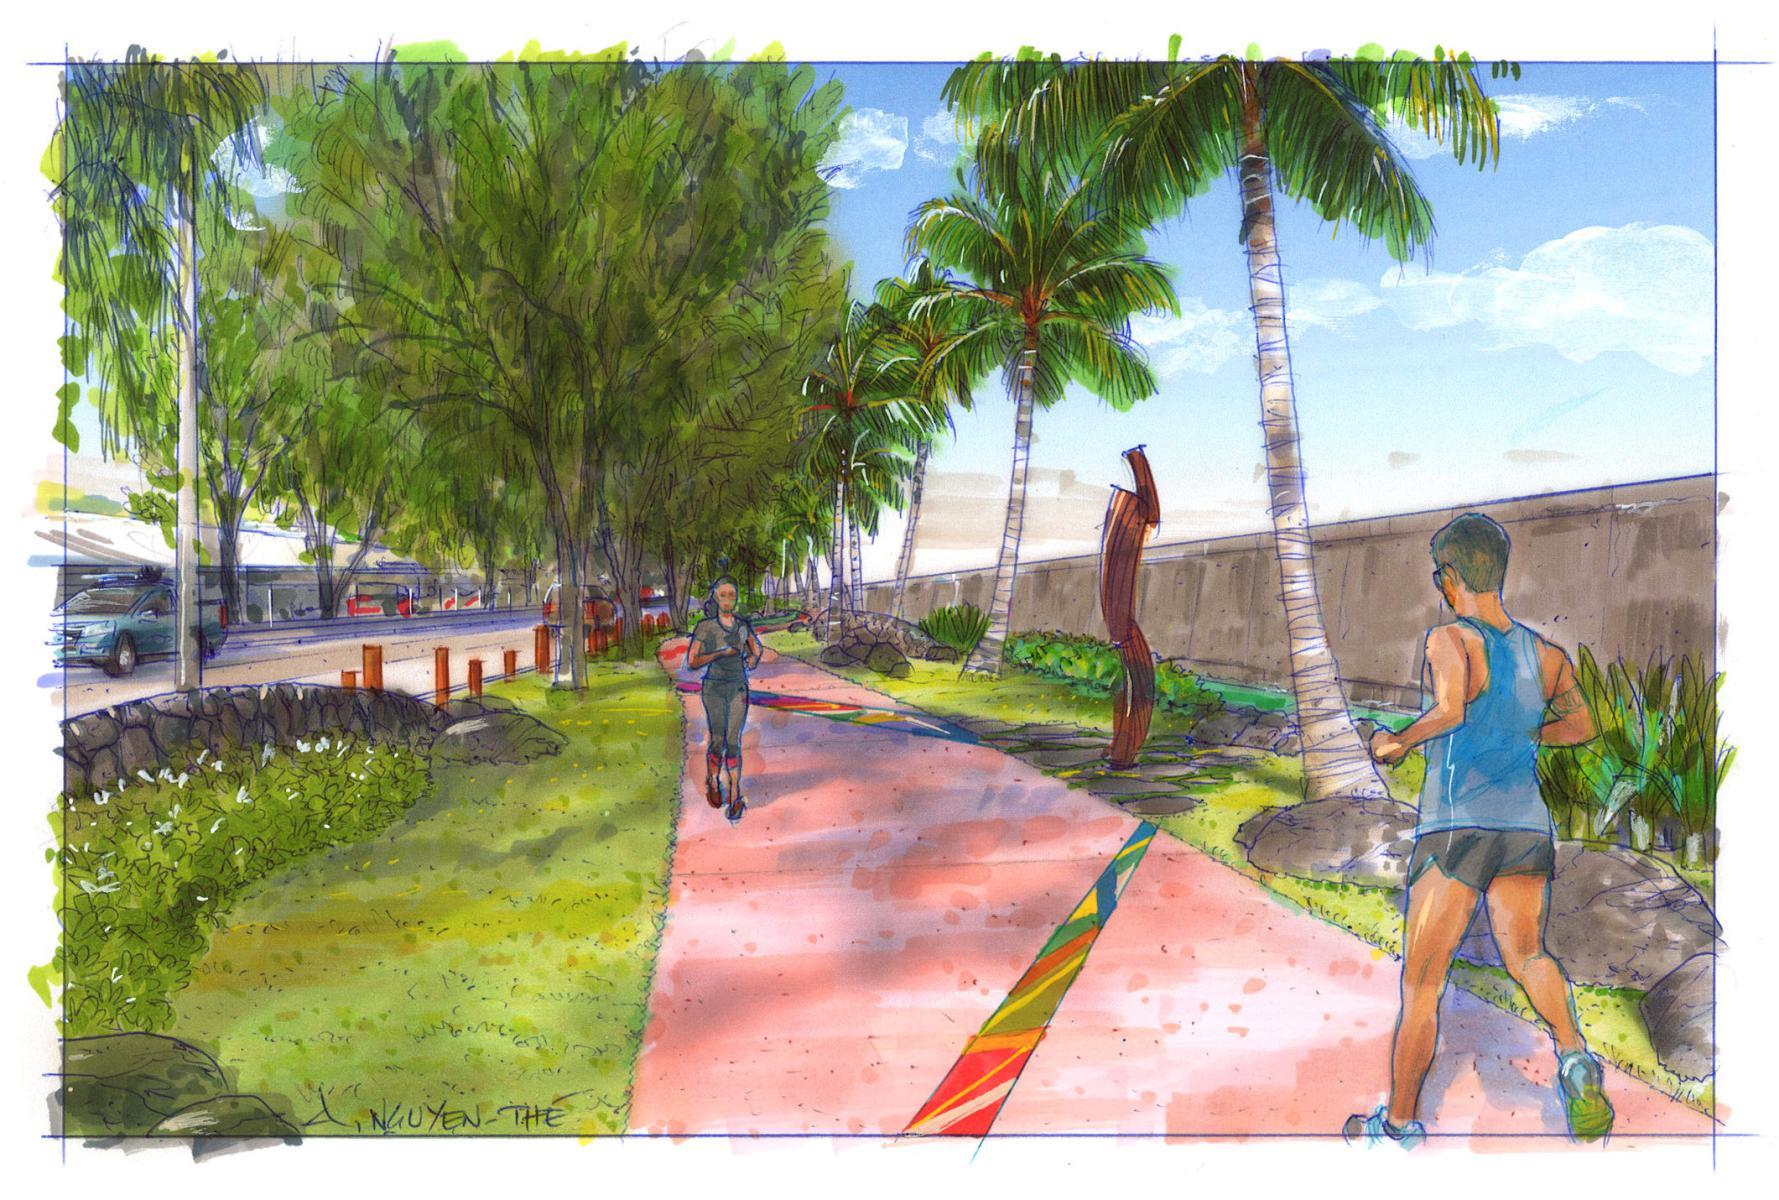 Une promenade piétonne à Motu Uta